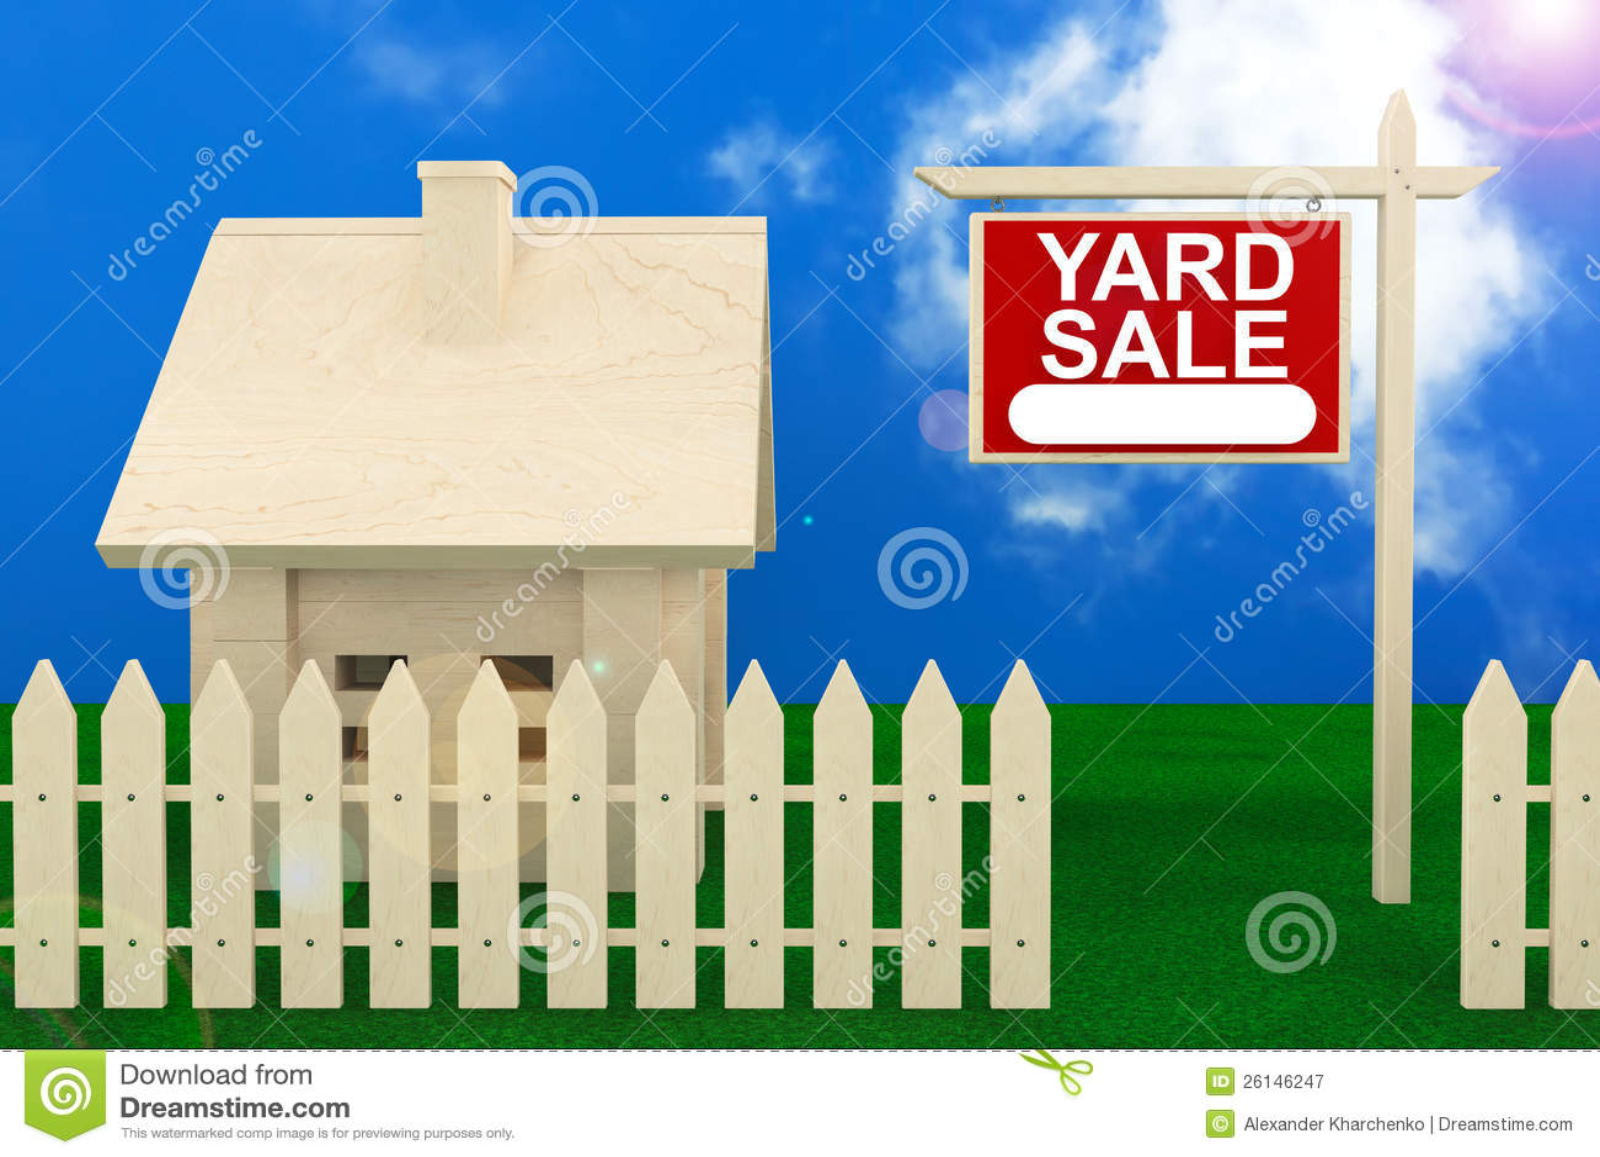 Alpena mi Real Estate Banner Yard Sale Banner Real Estate